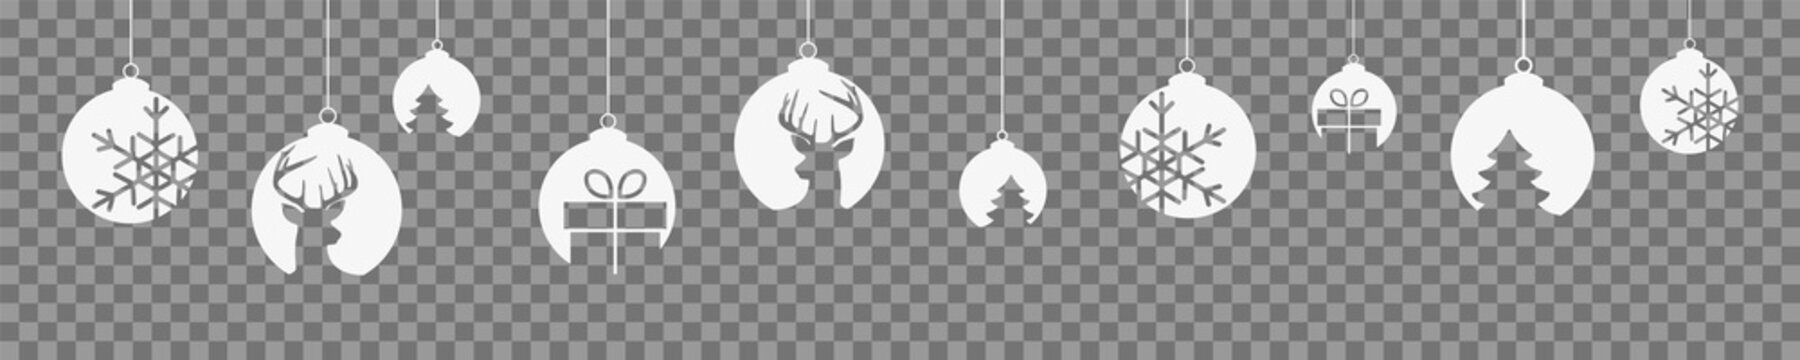 Weihnachten Banner Christbaumkugeln mit Elementen Transparenz Freigestellt